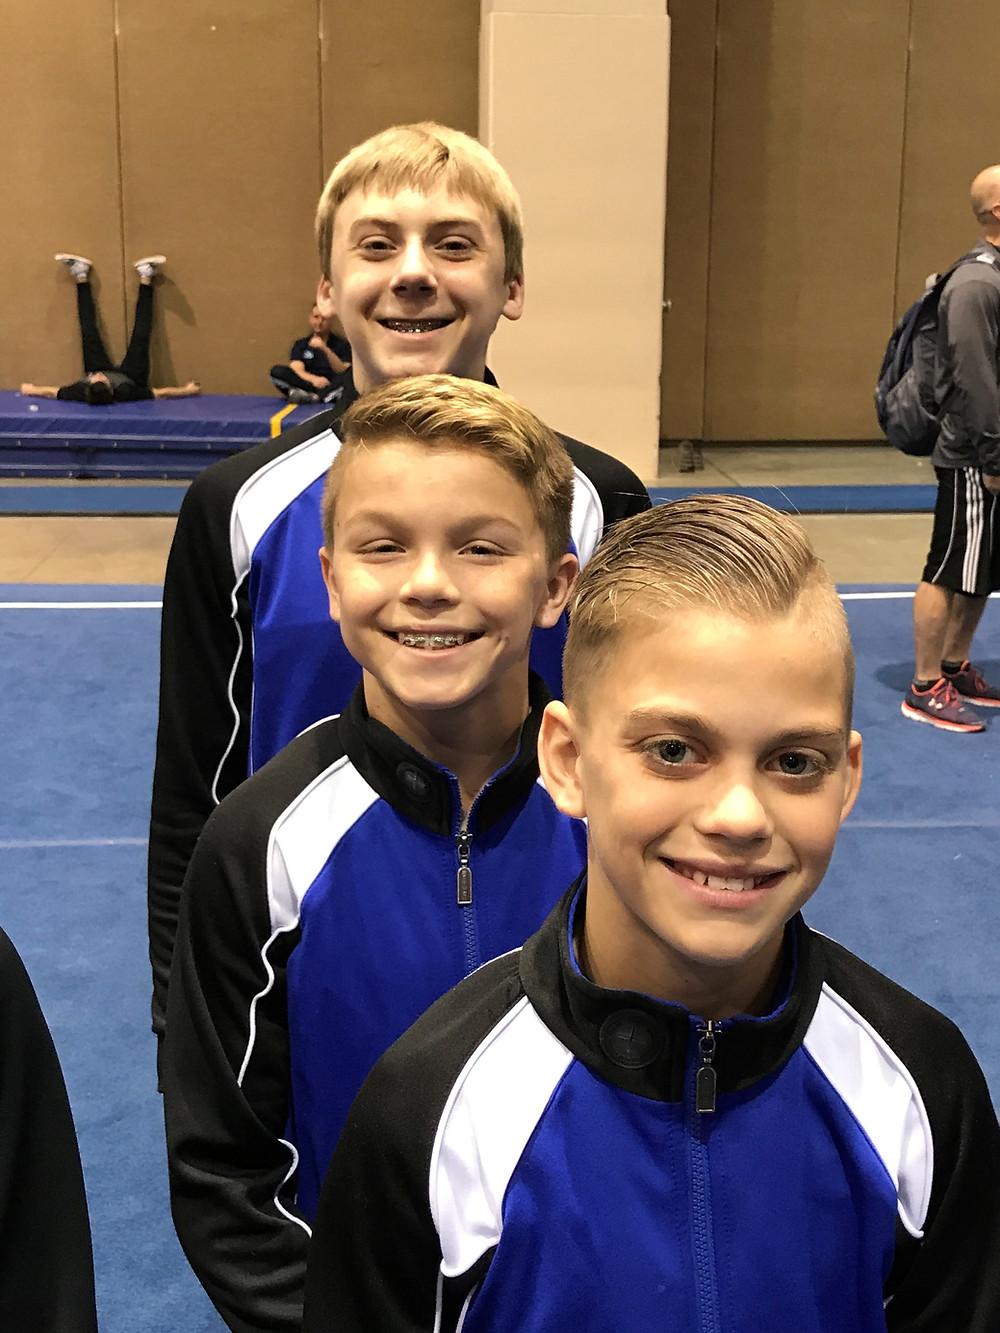 Robby, Tony, Will at Regionals 2017